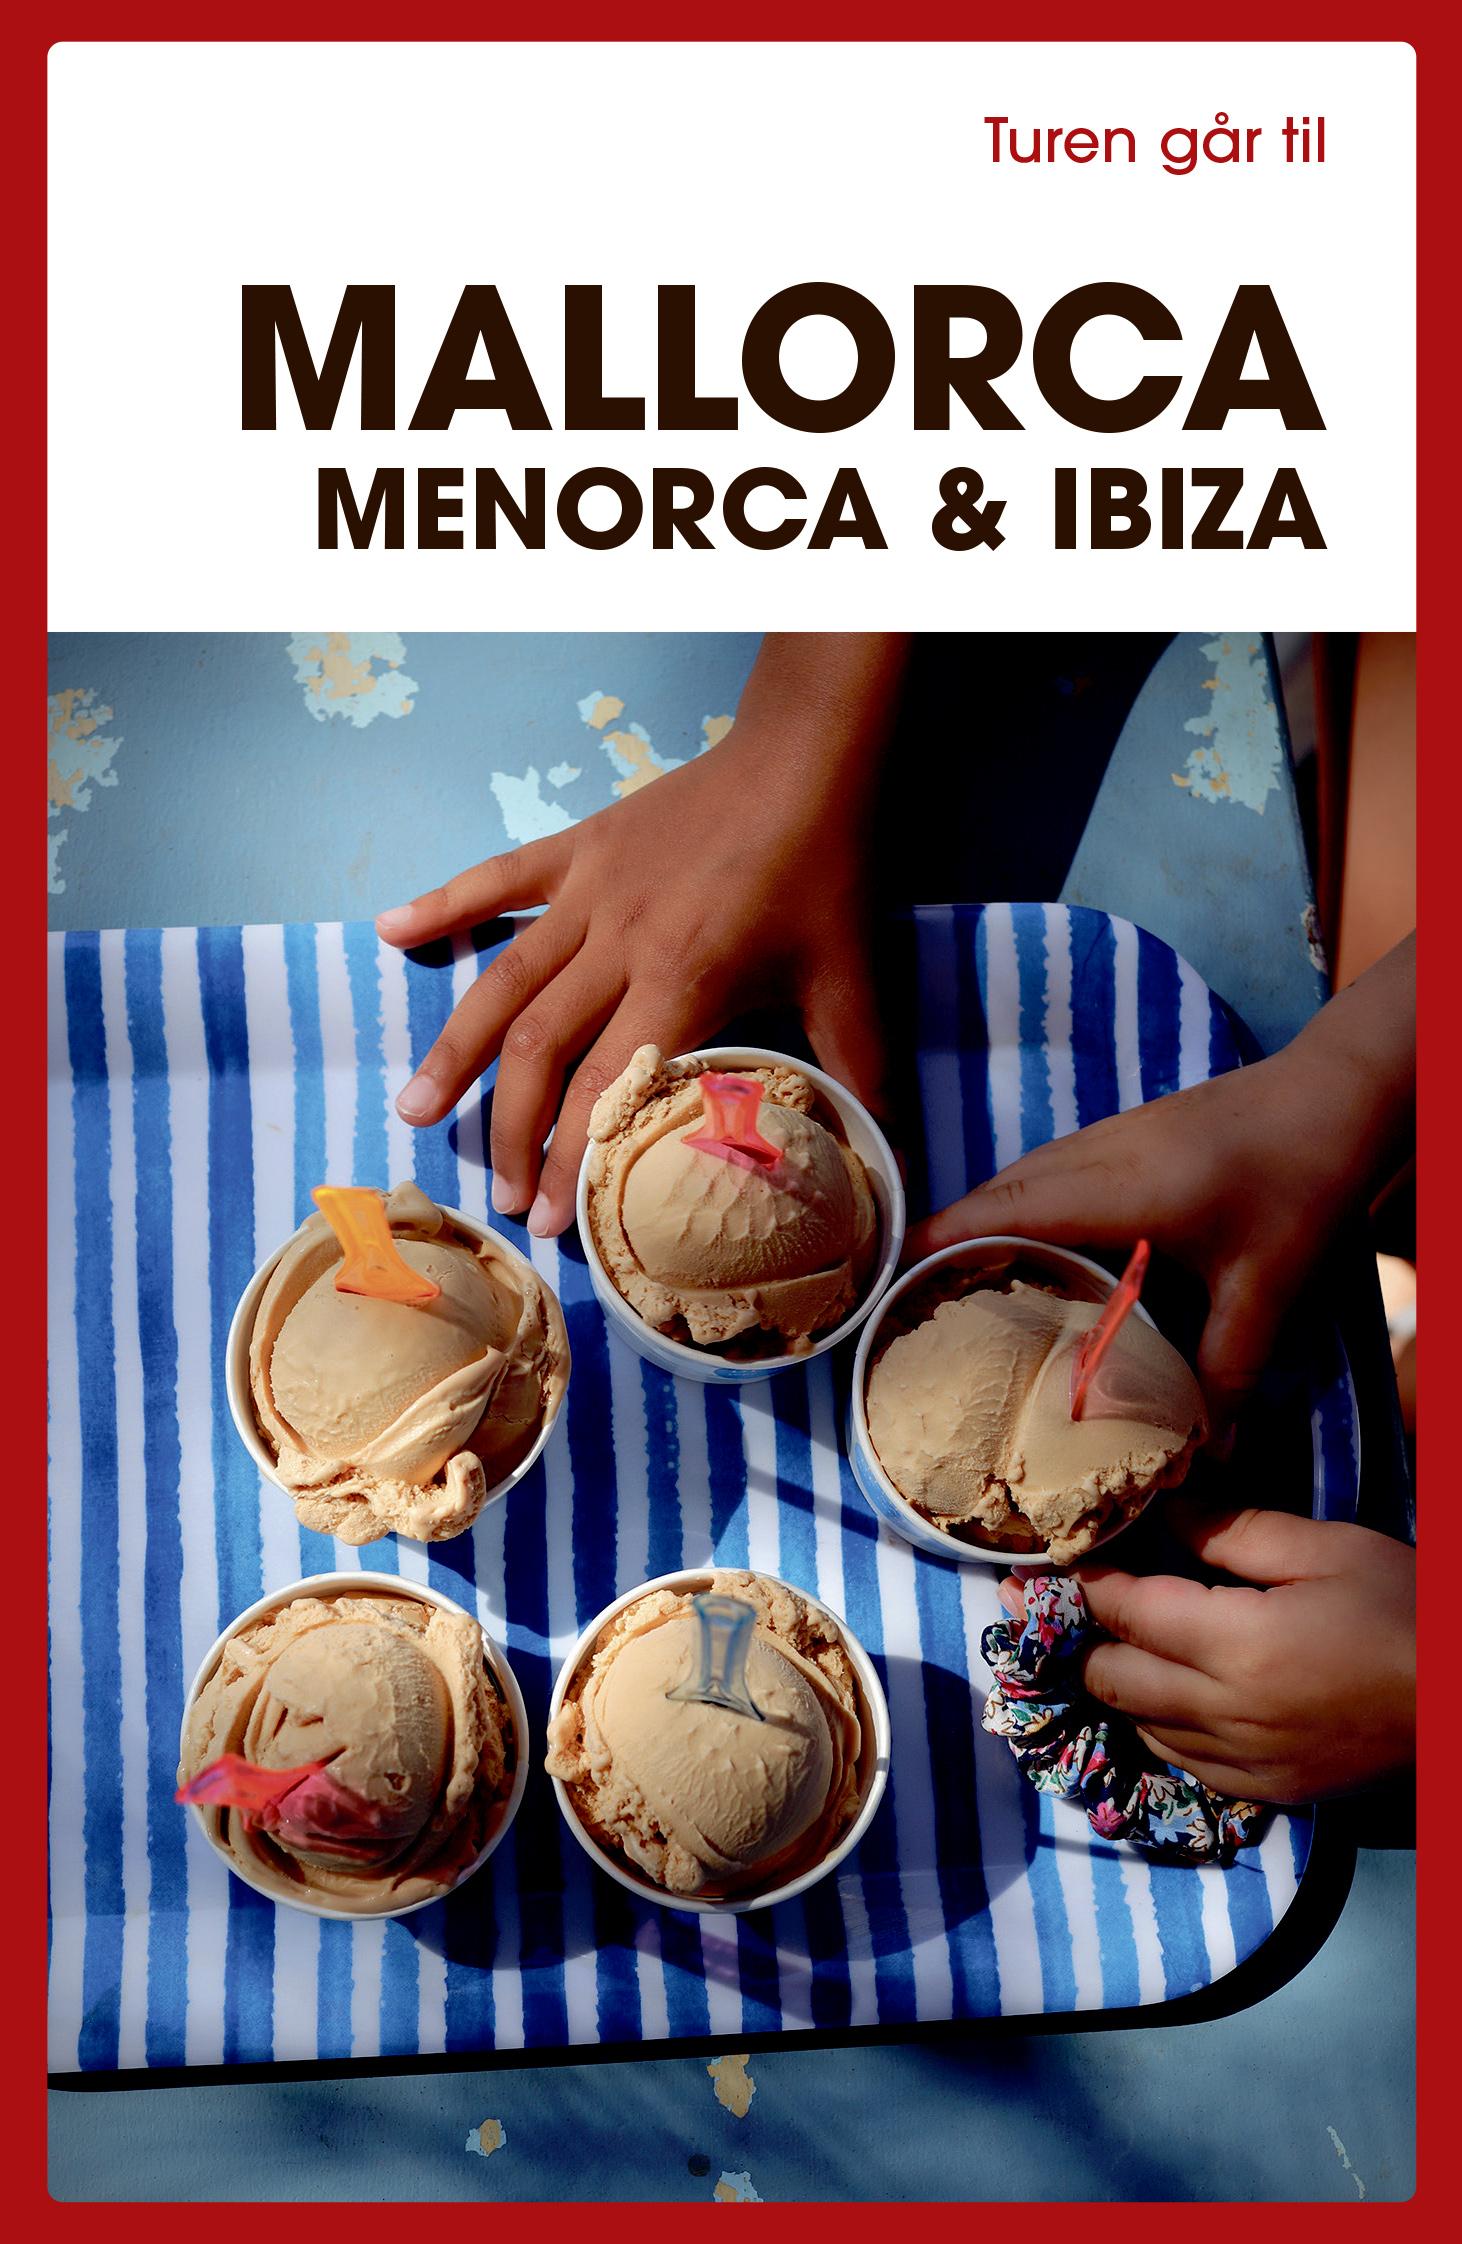 Turen Går Til: Turen går til Mallorca, Menorca & Ibiza - Jytte Flamsholt Christensen - Bøger - Politikens Forlag - 9788740055832 - 1/7-2020